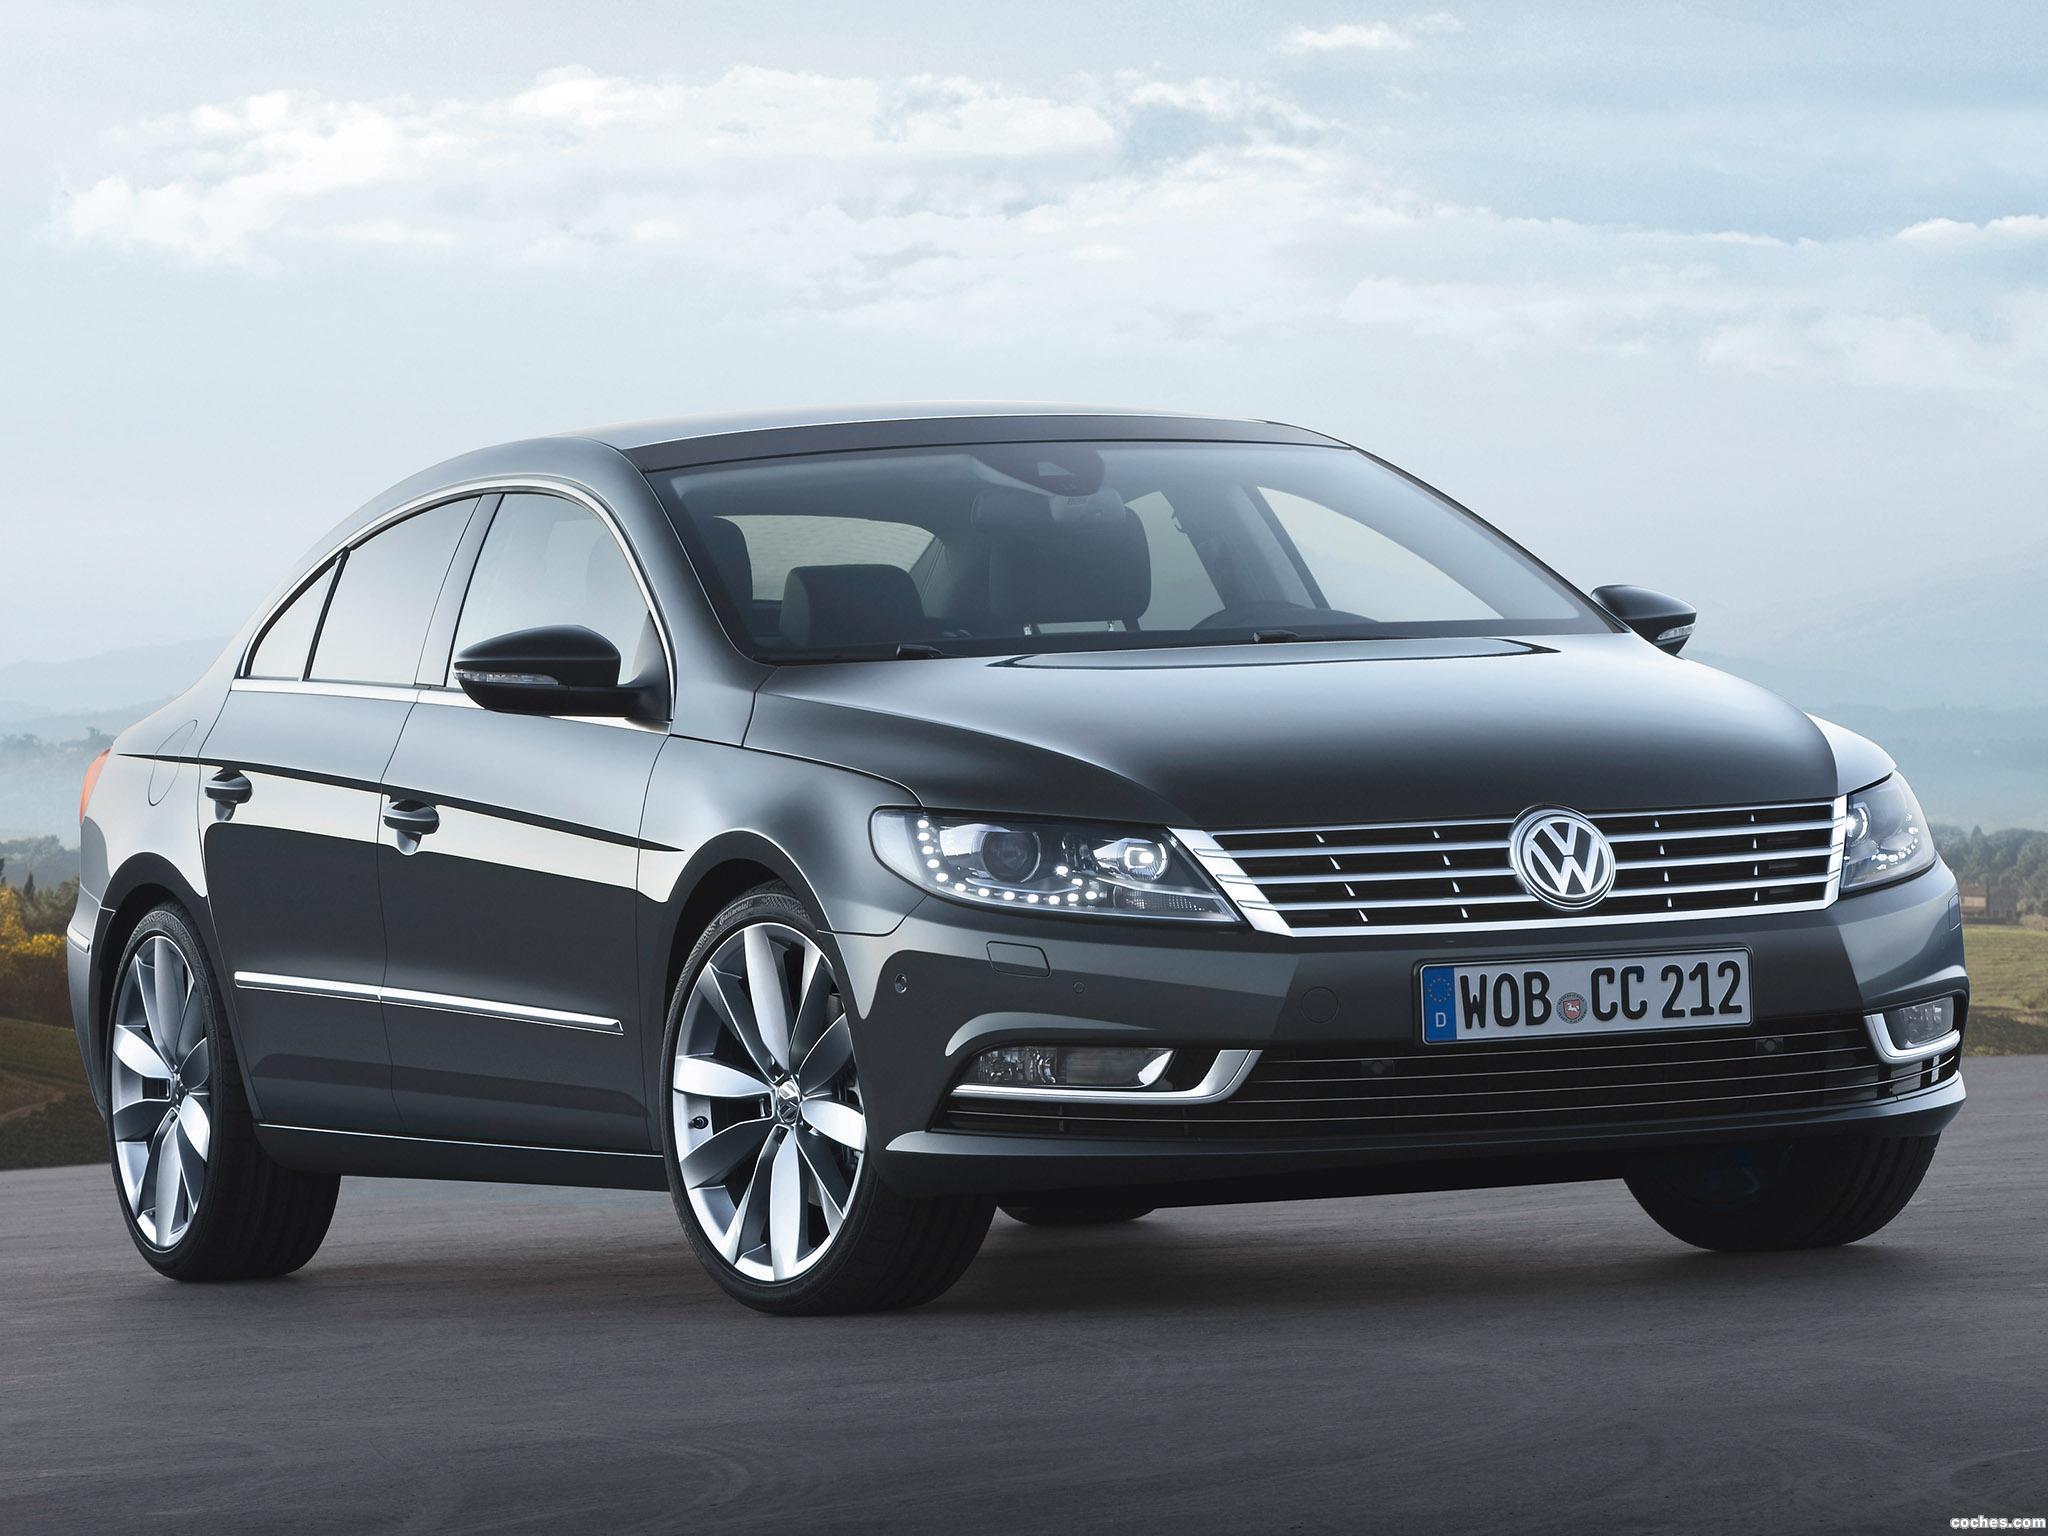 Foto 0 de Volkswagen Passat CC 2012